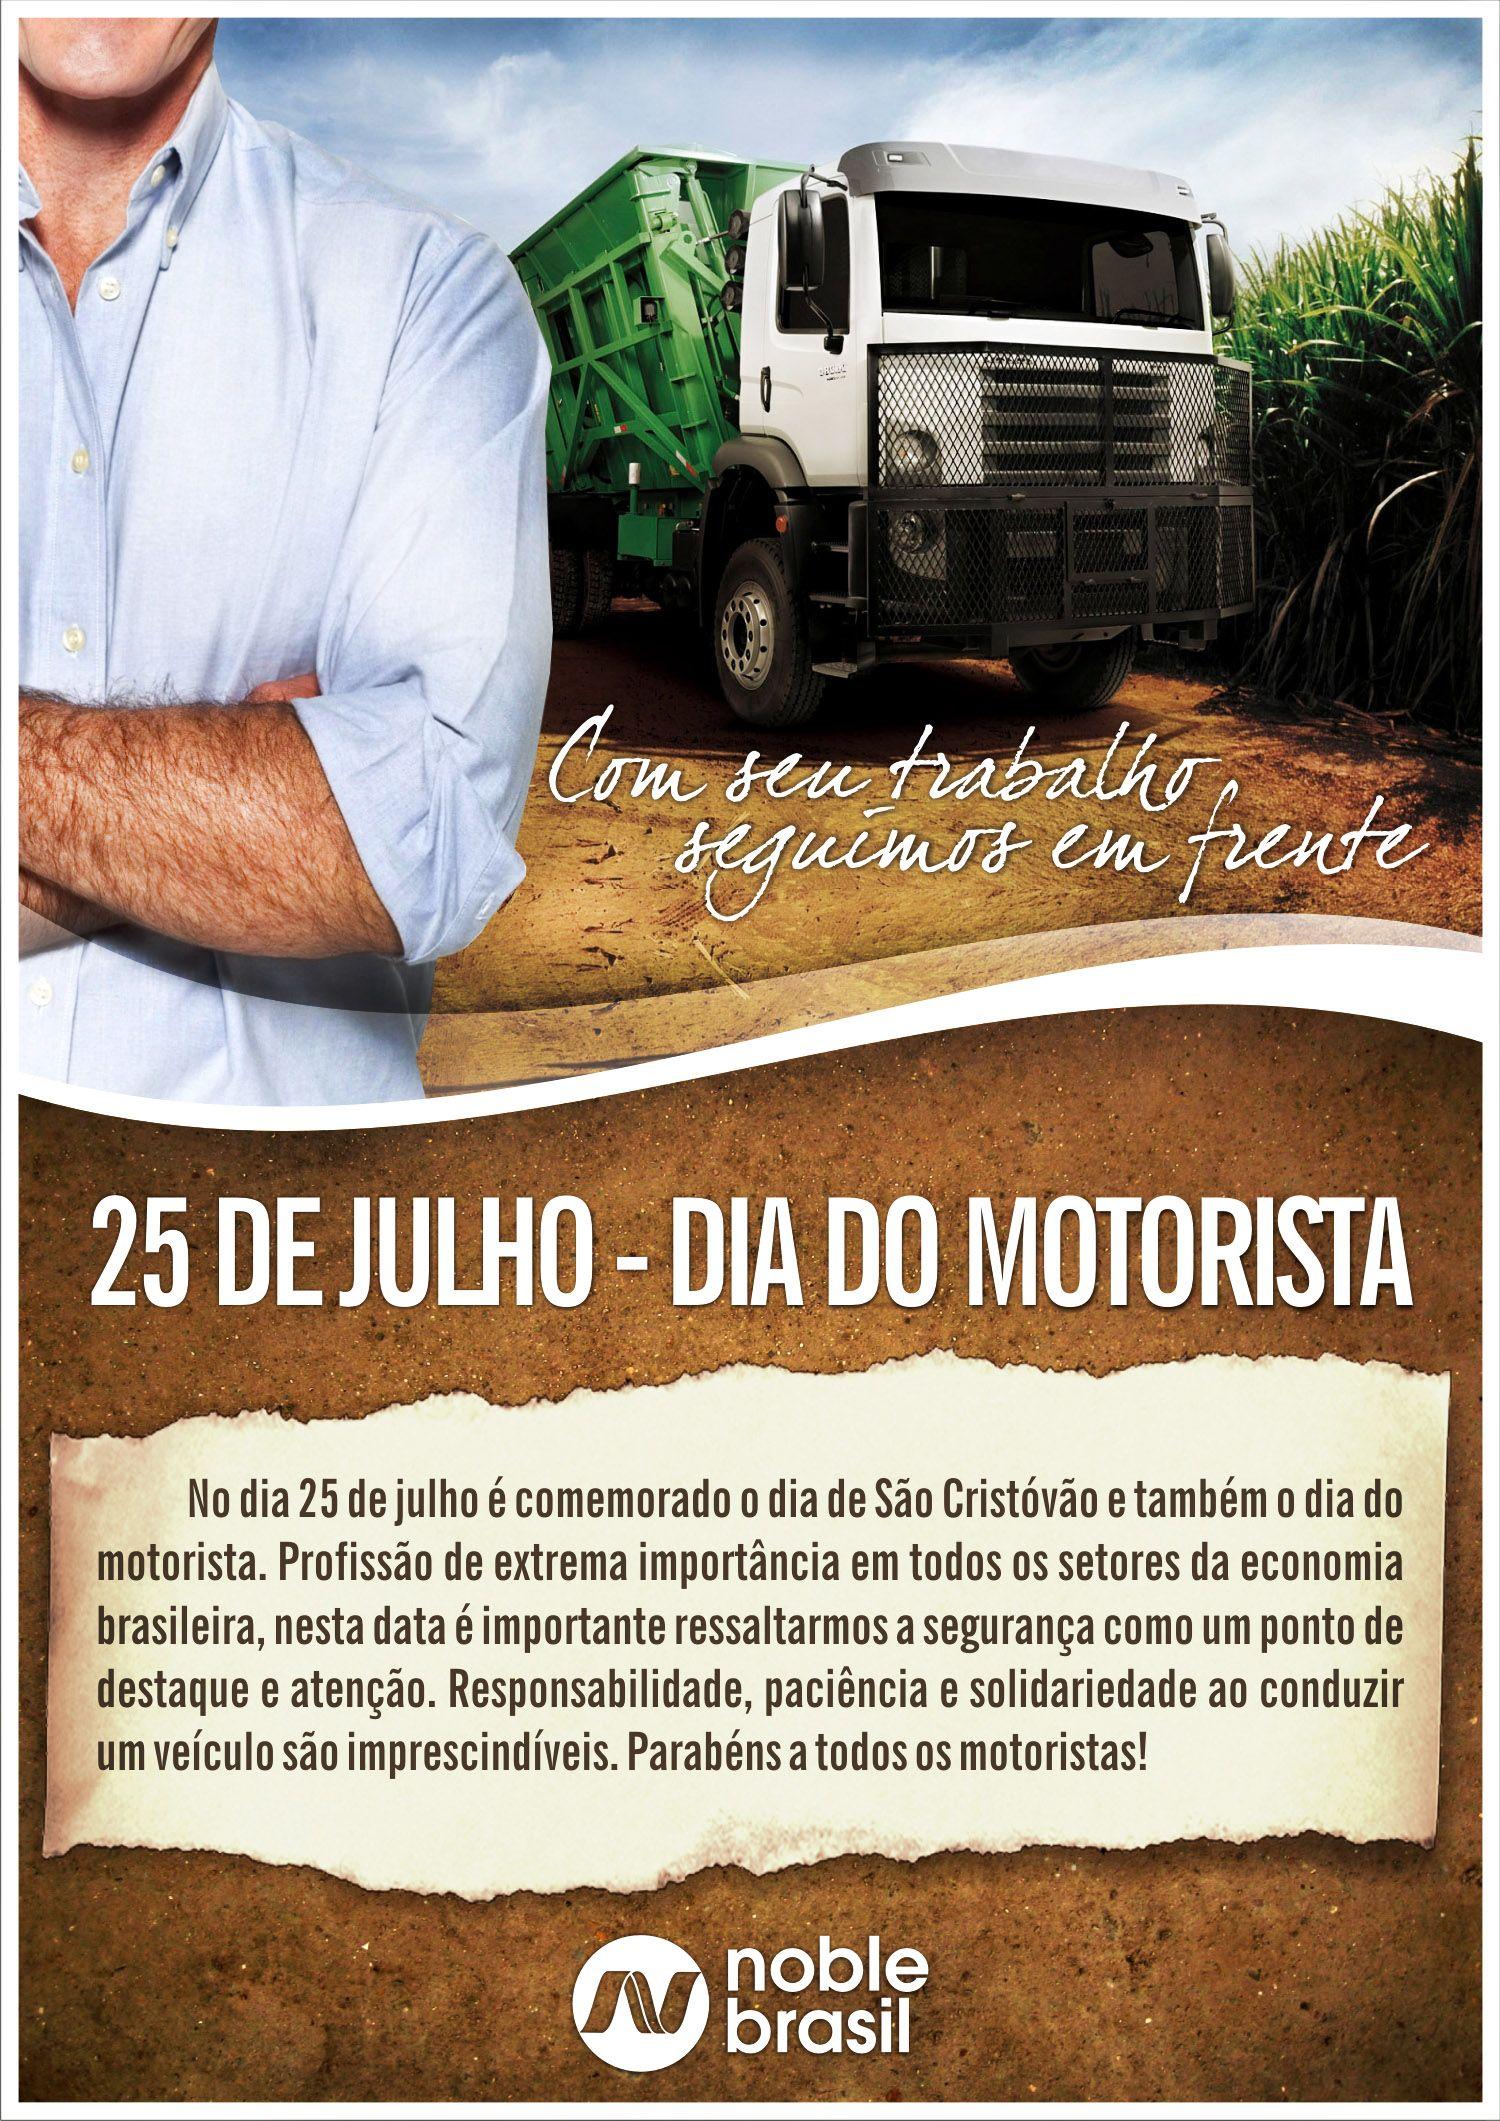 25 De Julho Dia Do Motorista Dia De São Cristóvão 25 De